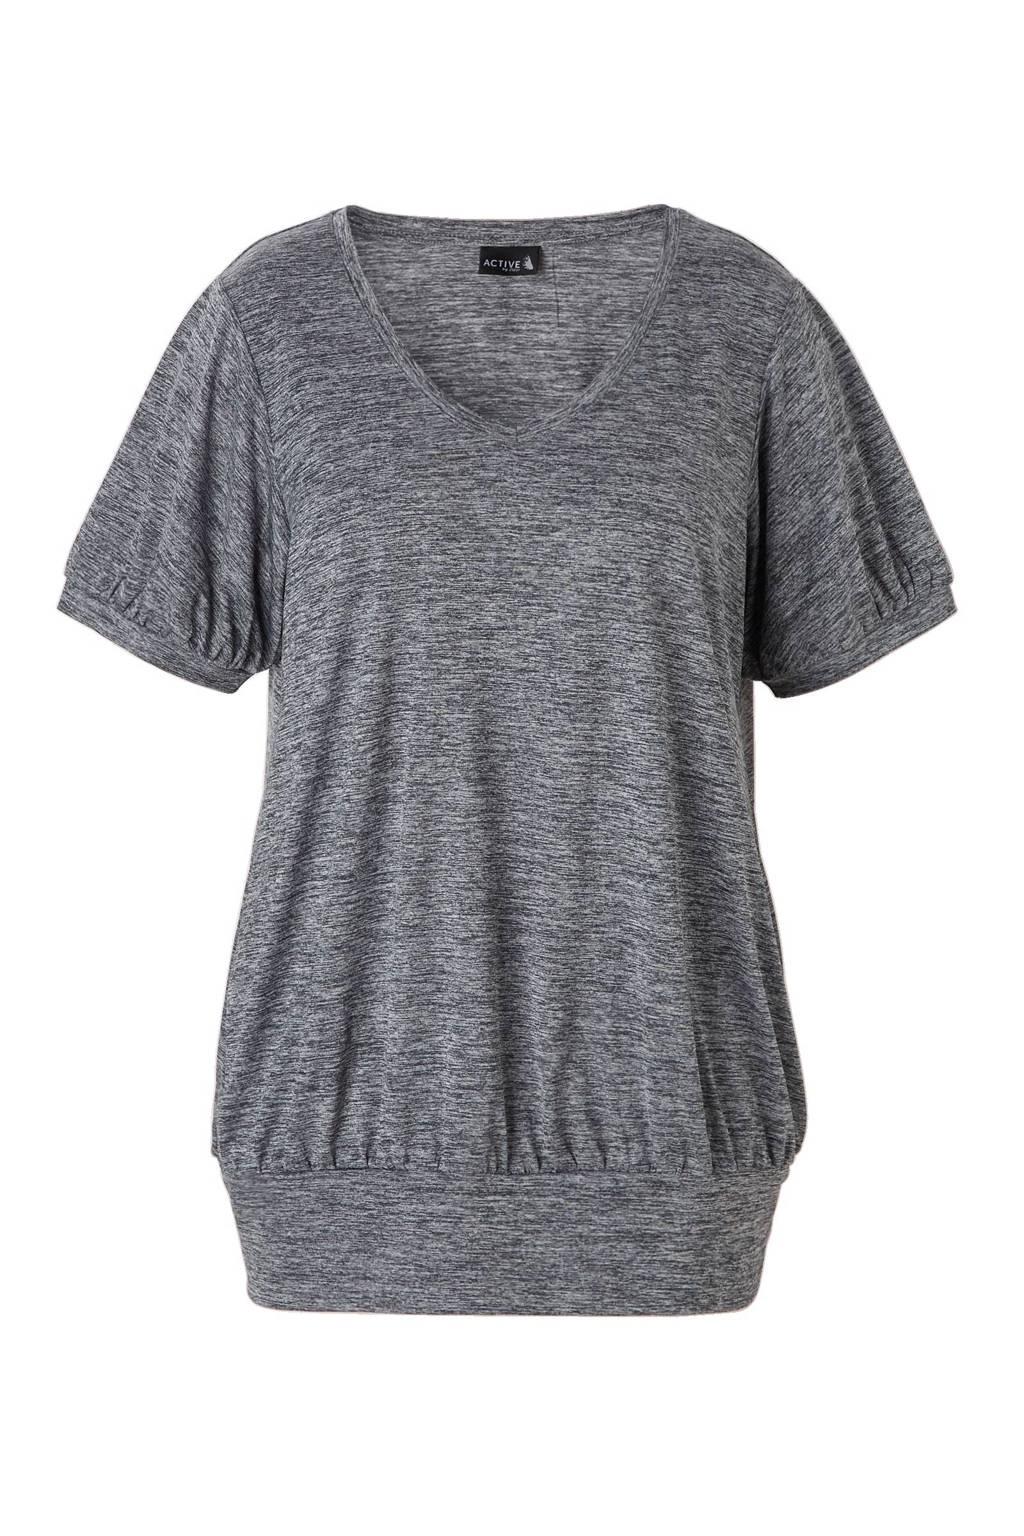 ACTIVE By Zizzi sport T-shirt antraciet melange, Antraciet melange